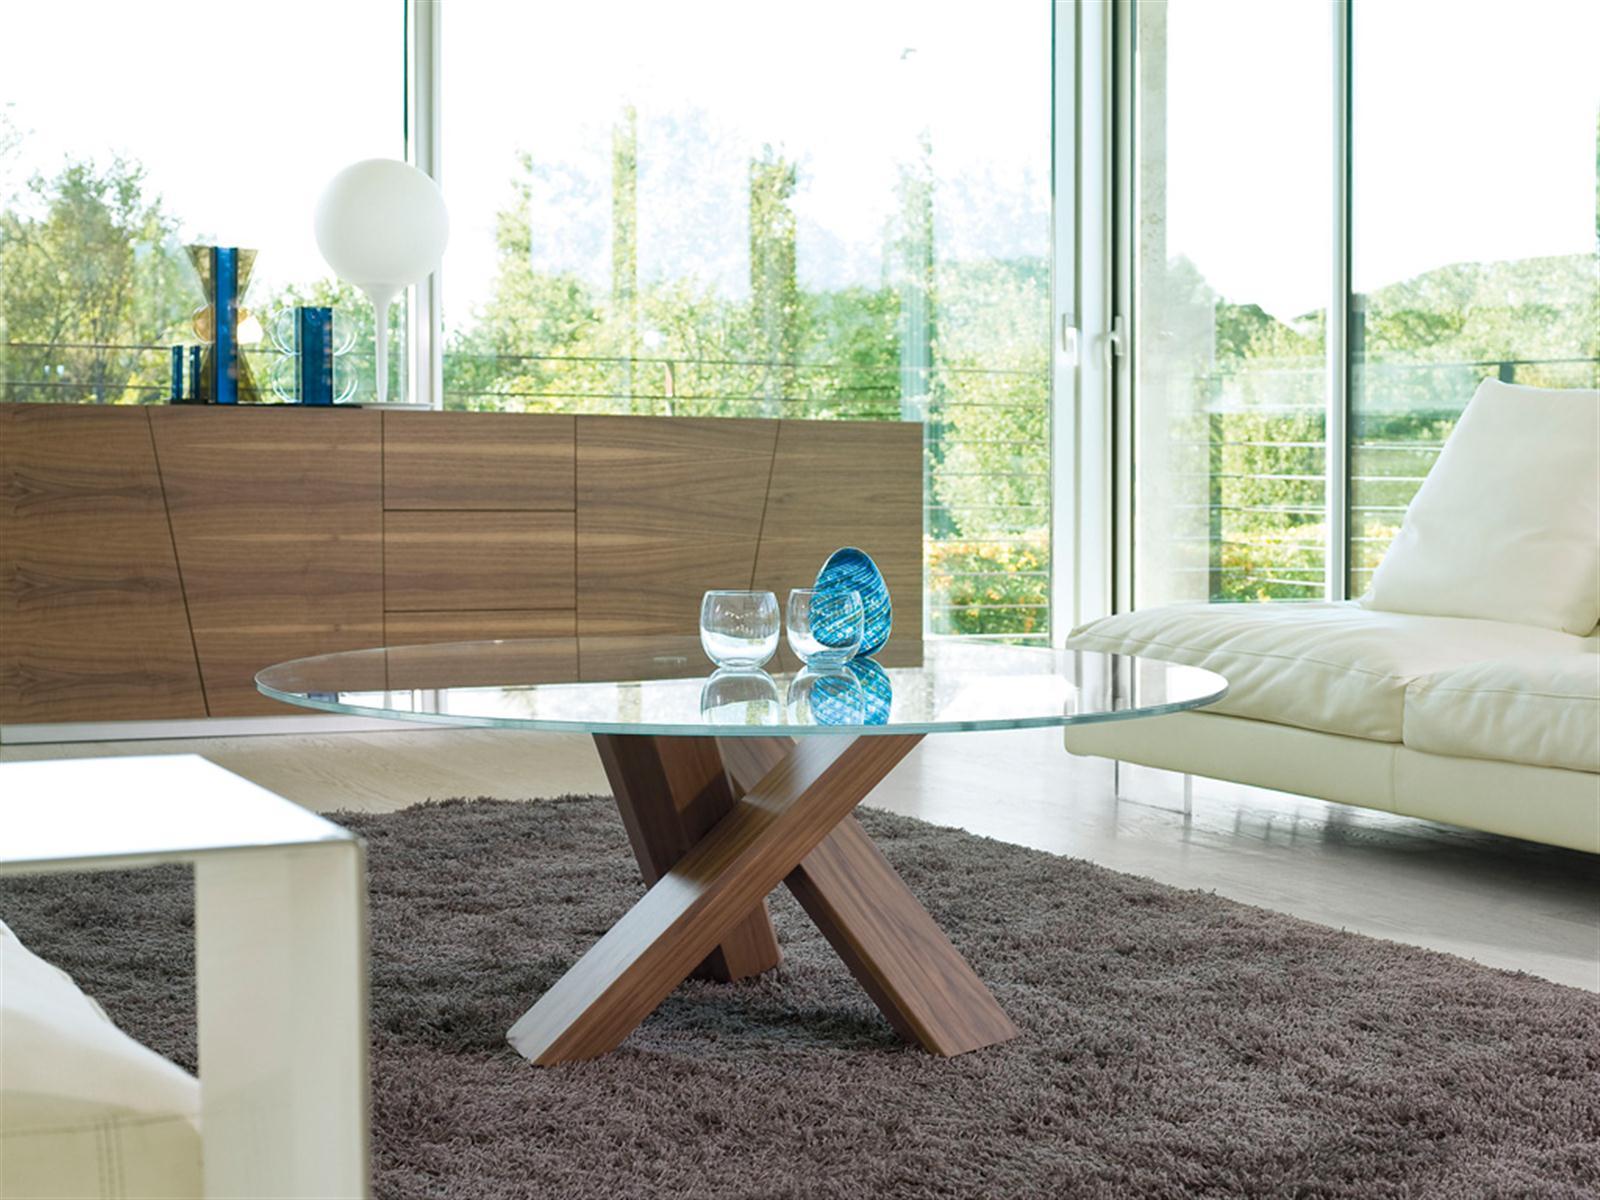 ΚΑΛΑΝΤΖΗΣ - HOME PLEASURE - Τραπέζι καθιστικού - Έπιπλα 9c1ea52e752